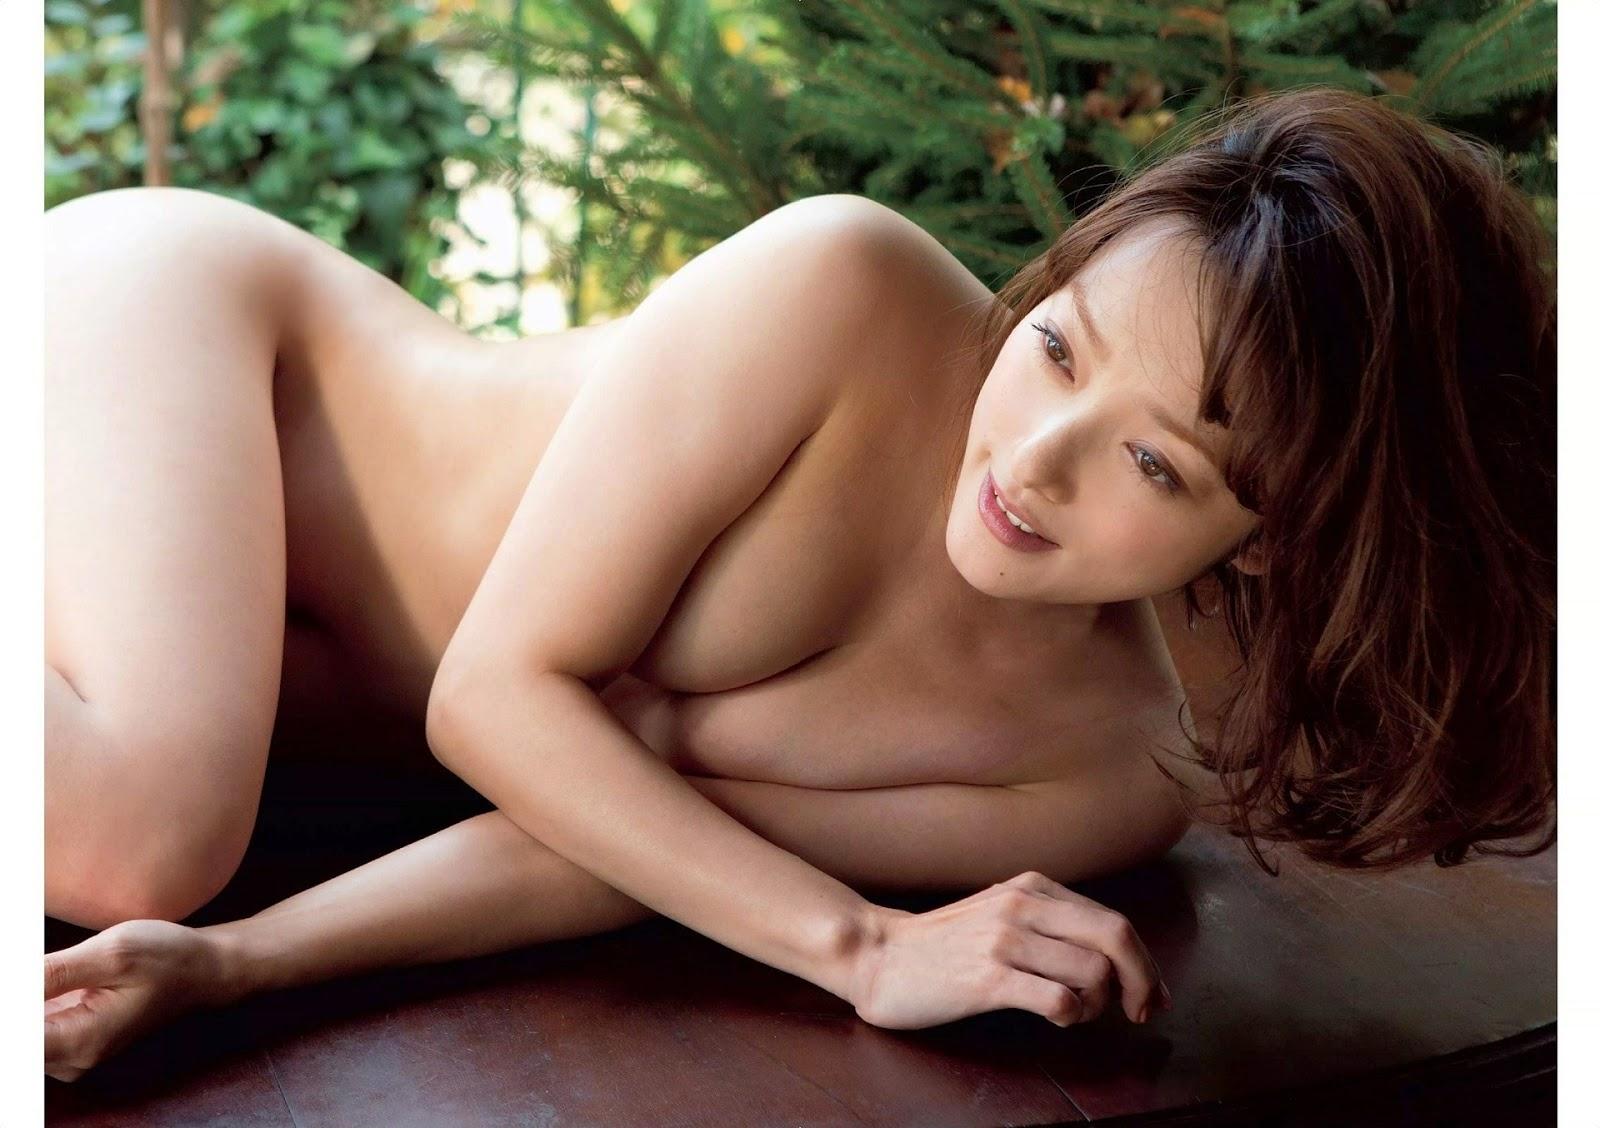 Shibata Kayoko 柴田かよこ Weekly Playboy March 2015 Wallpaper HD